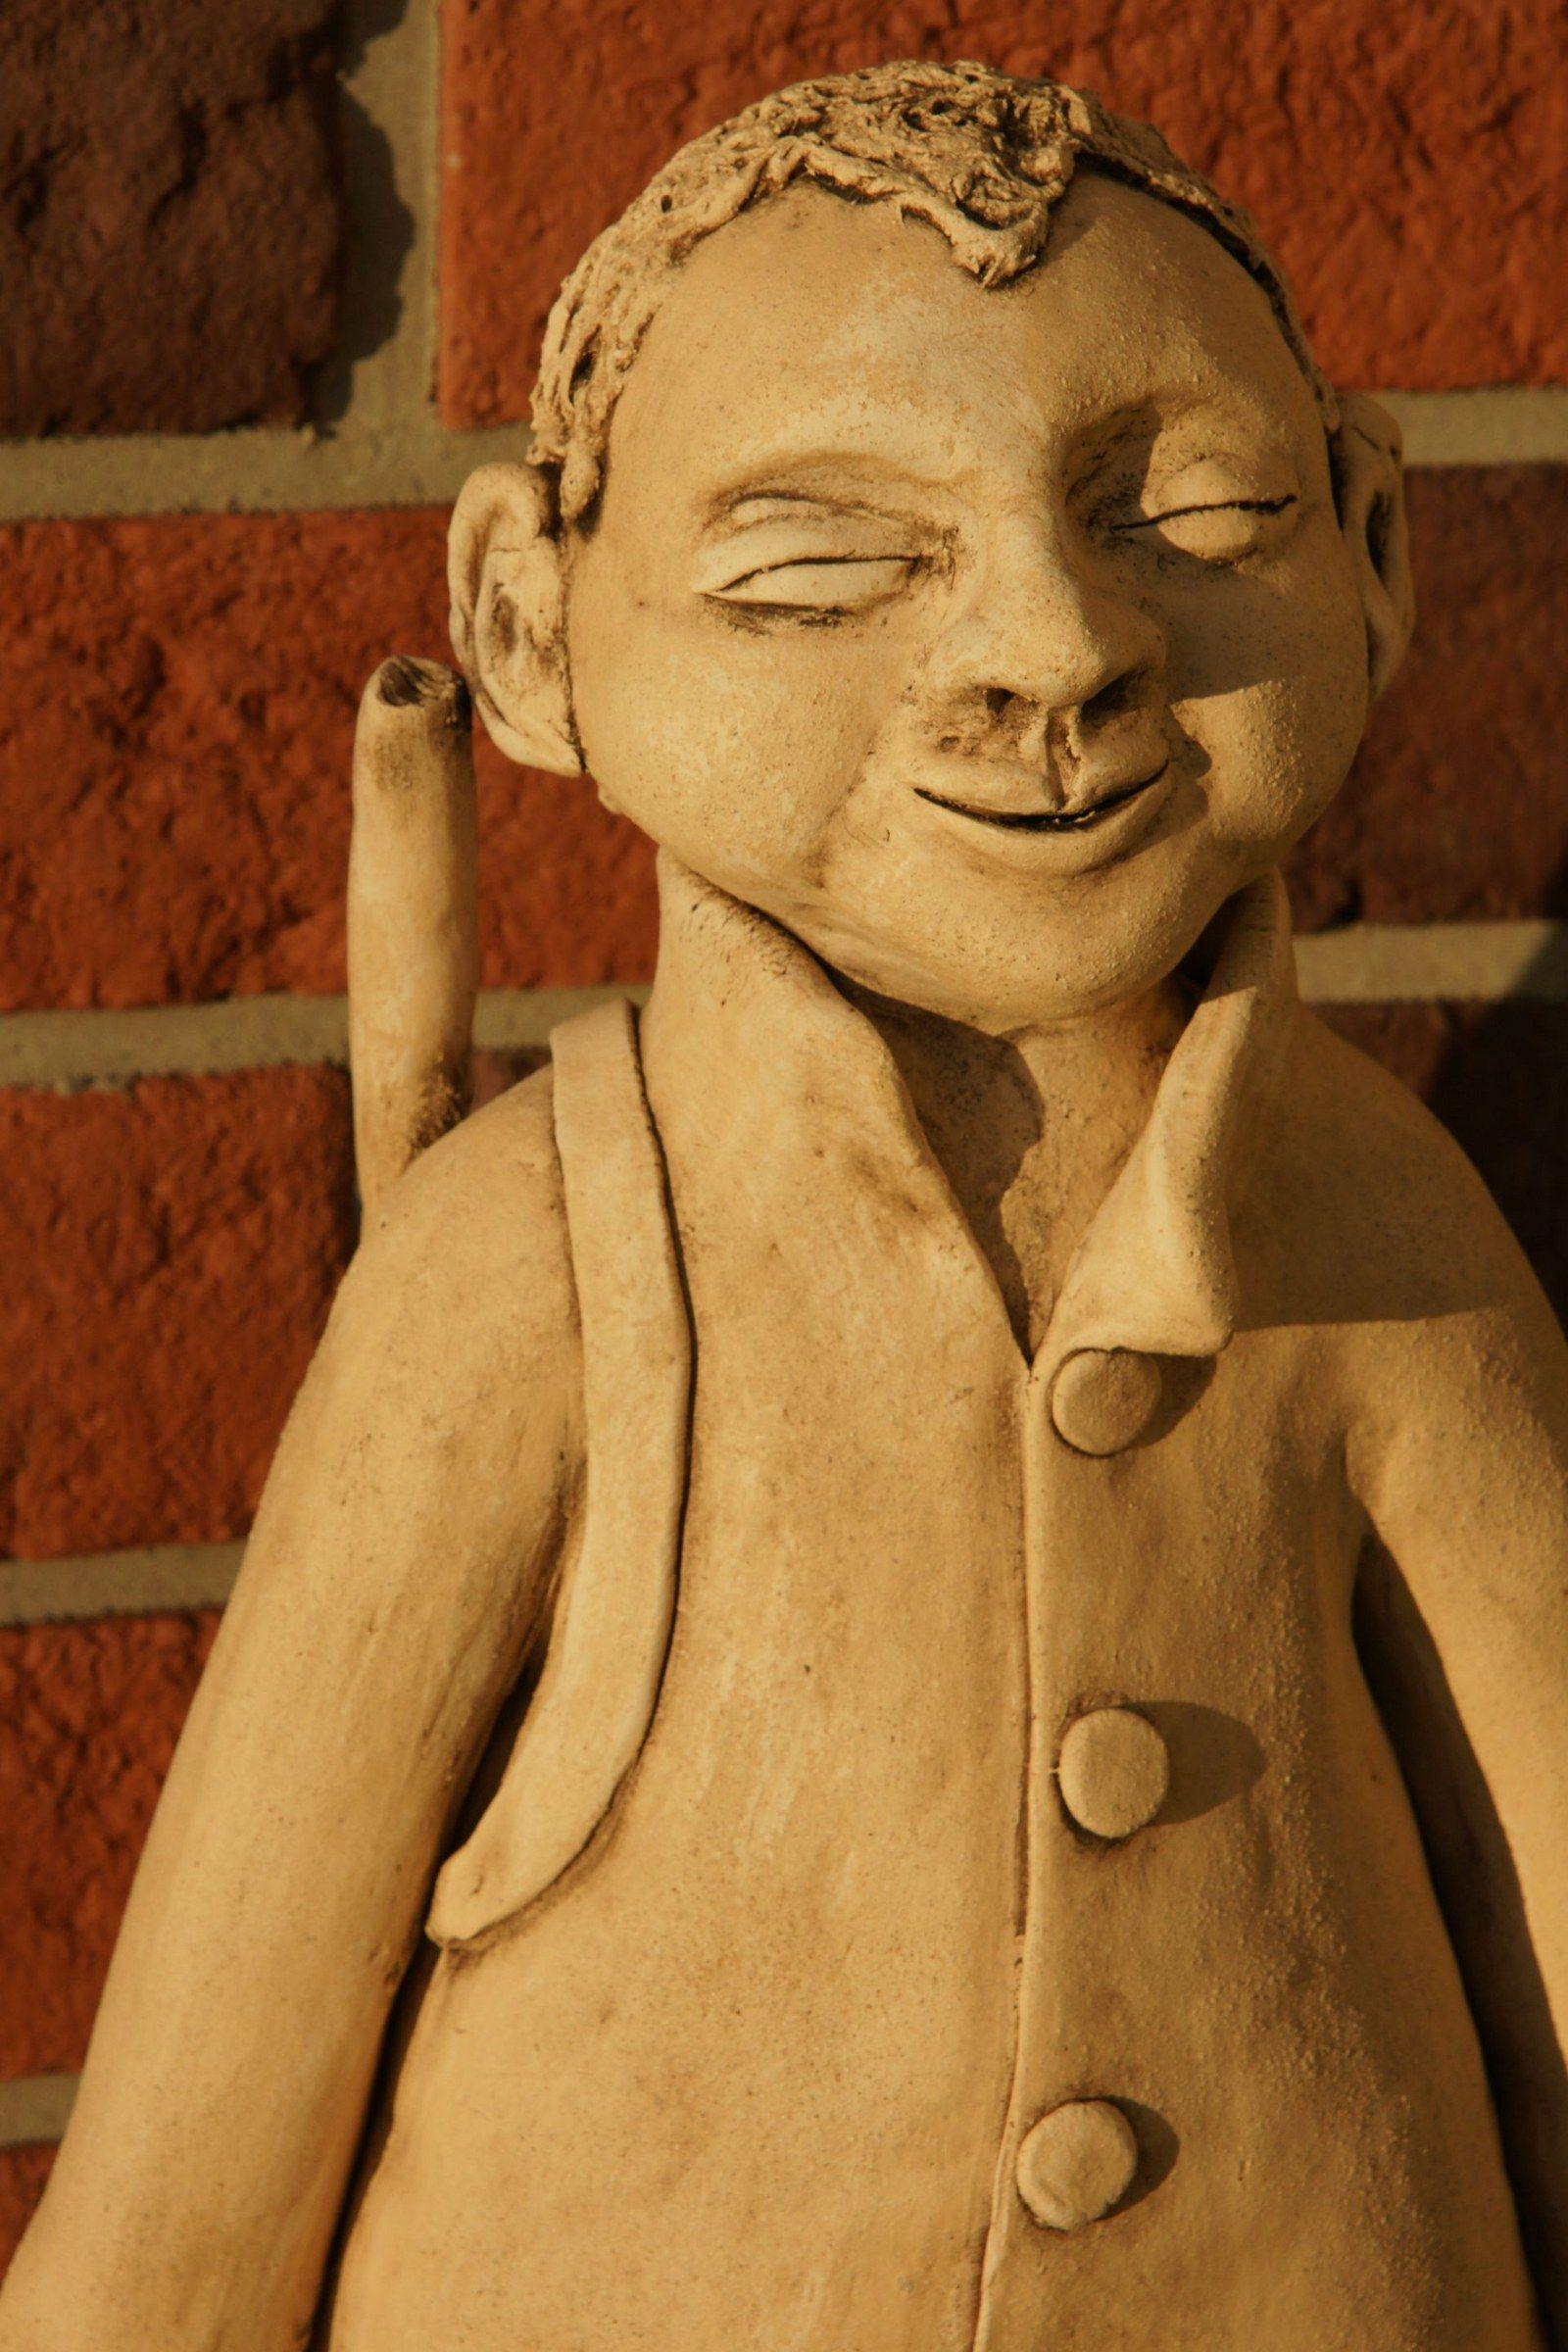 Myslivec Velká soška myslivce modelovaná ze šamotové hlíny, přes rameno má pušku a na výšku 50cm